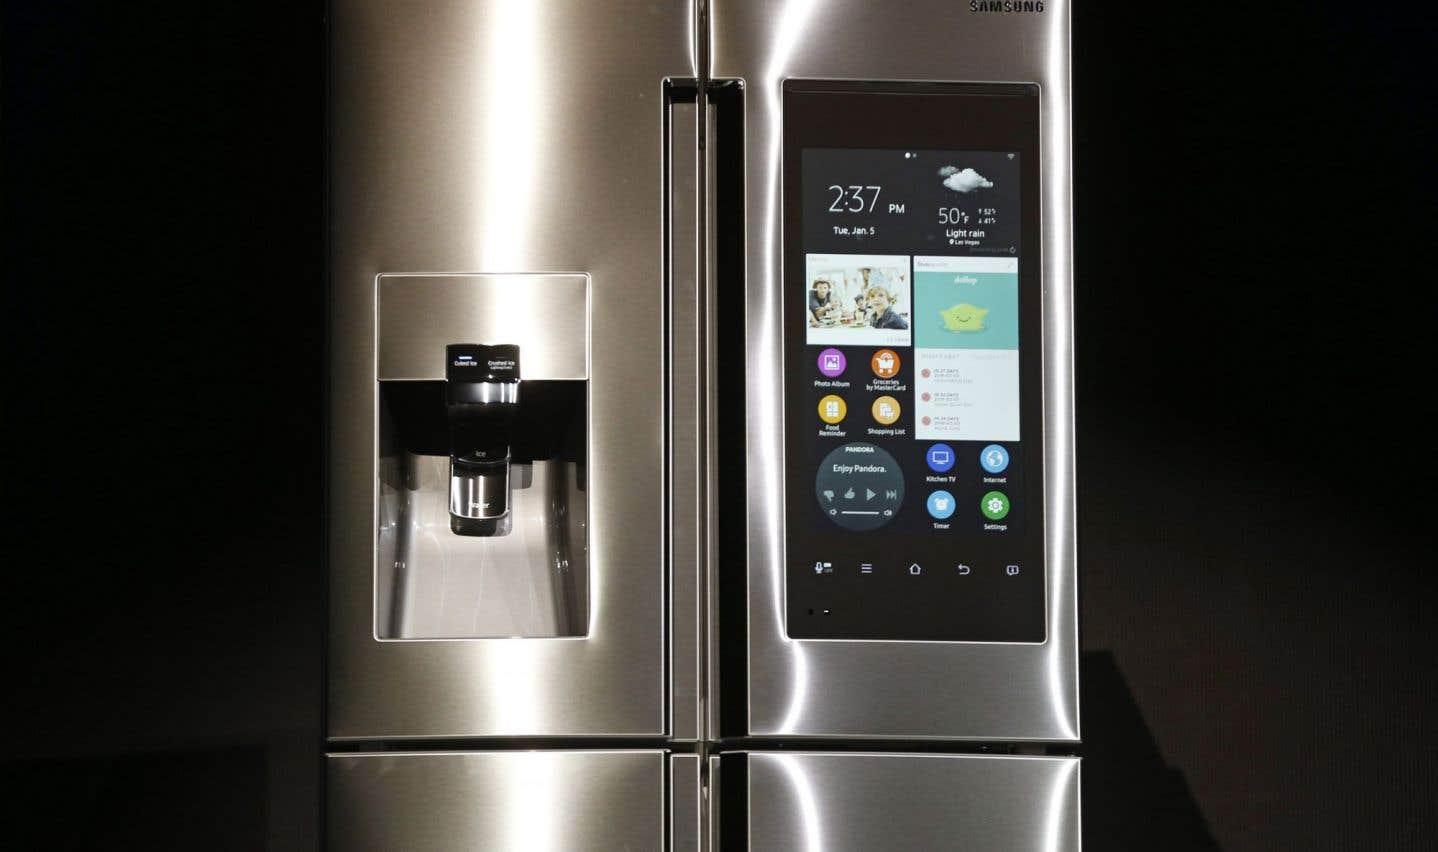 Votre réfrigérateur peut-il témoigner contre vous?